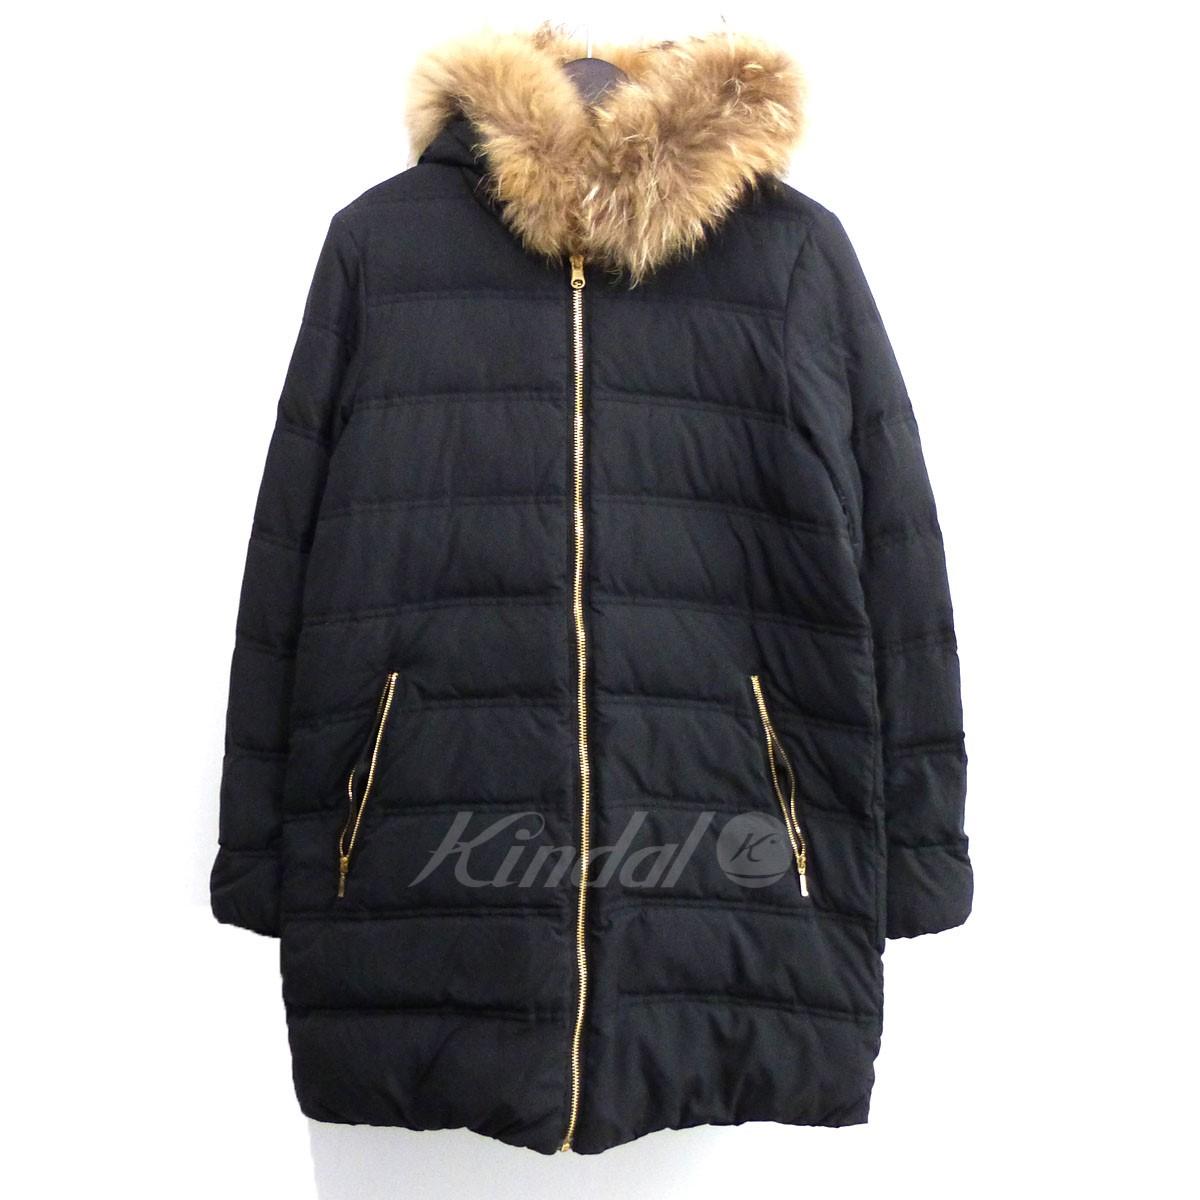 【中古】DEUXIEME CLASSE ラクーンファーダウンジャケット ブラック サイズ:38 【送料無料】 【311018】(ドゥーズィエムクラス)